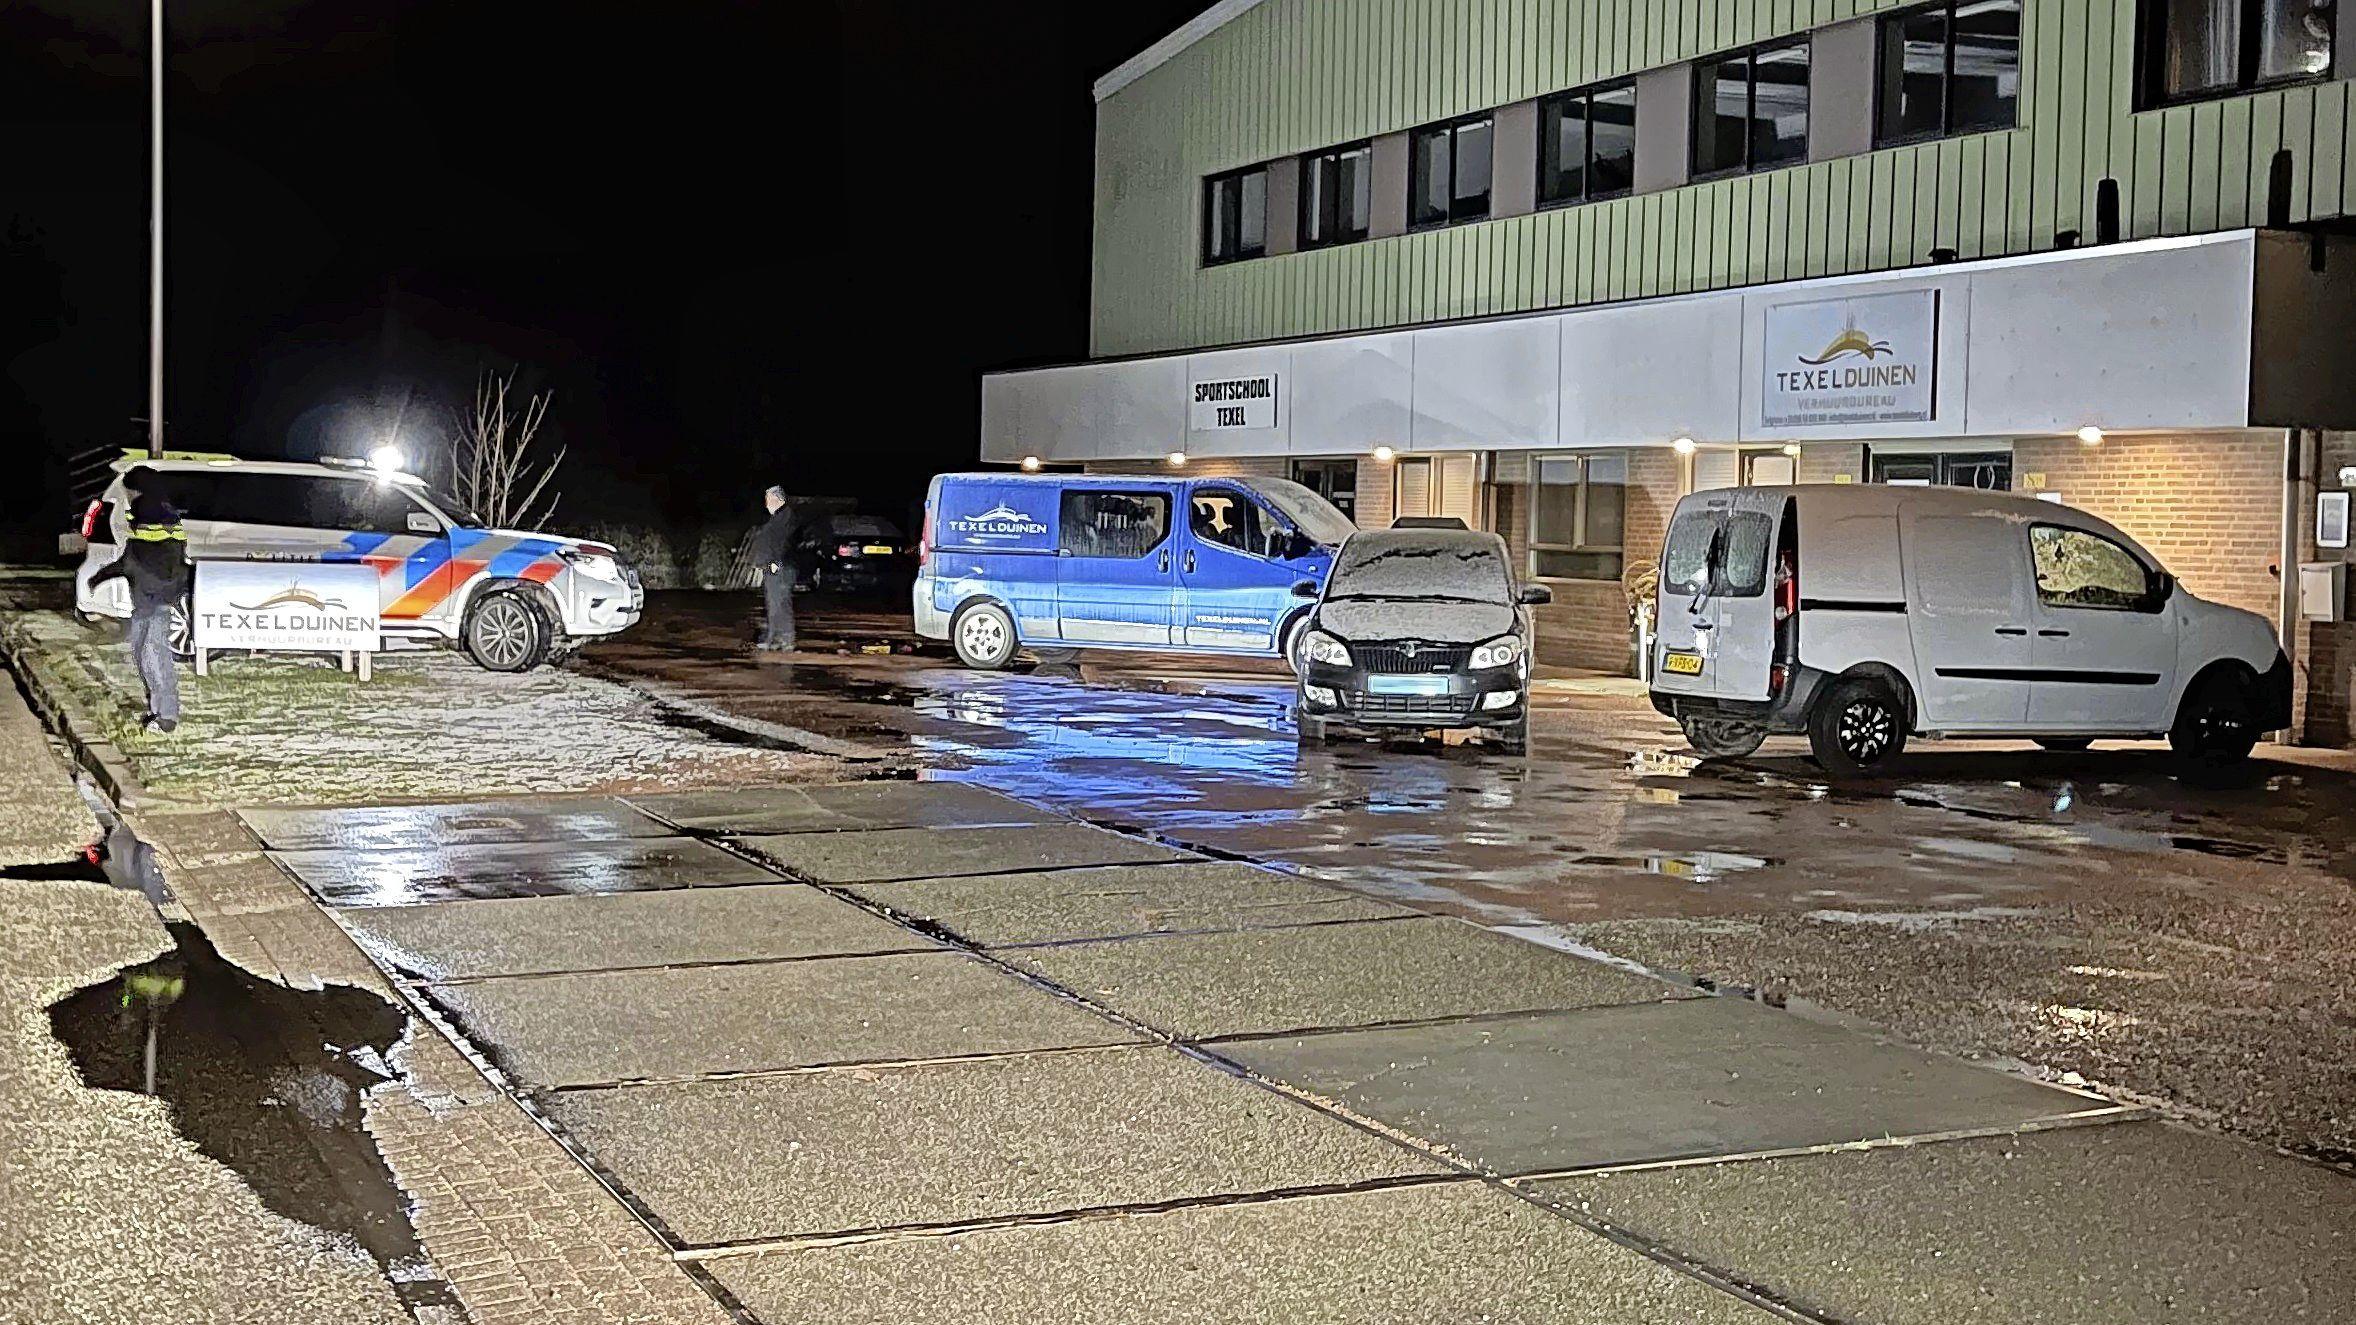 Hulpdiensten massaal uitgerukt voor bommelding in Oudeschild op Texel, maar niks gevonden